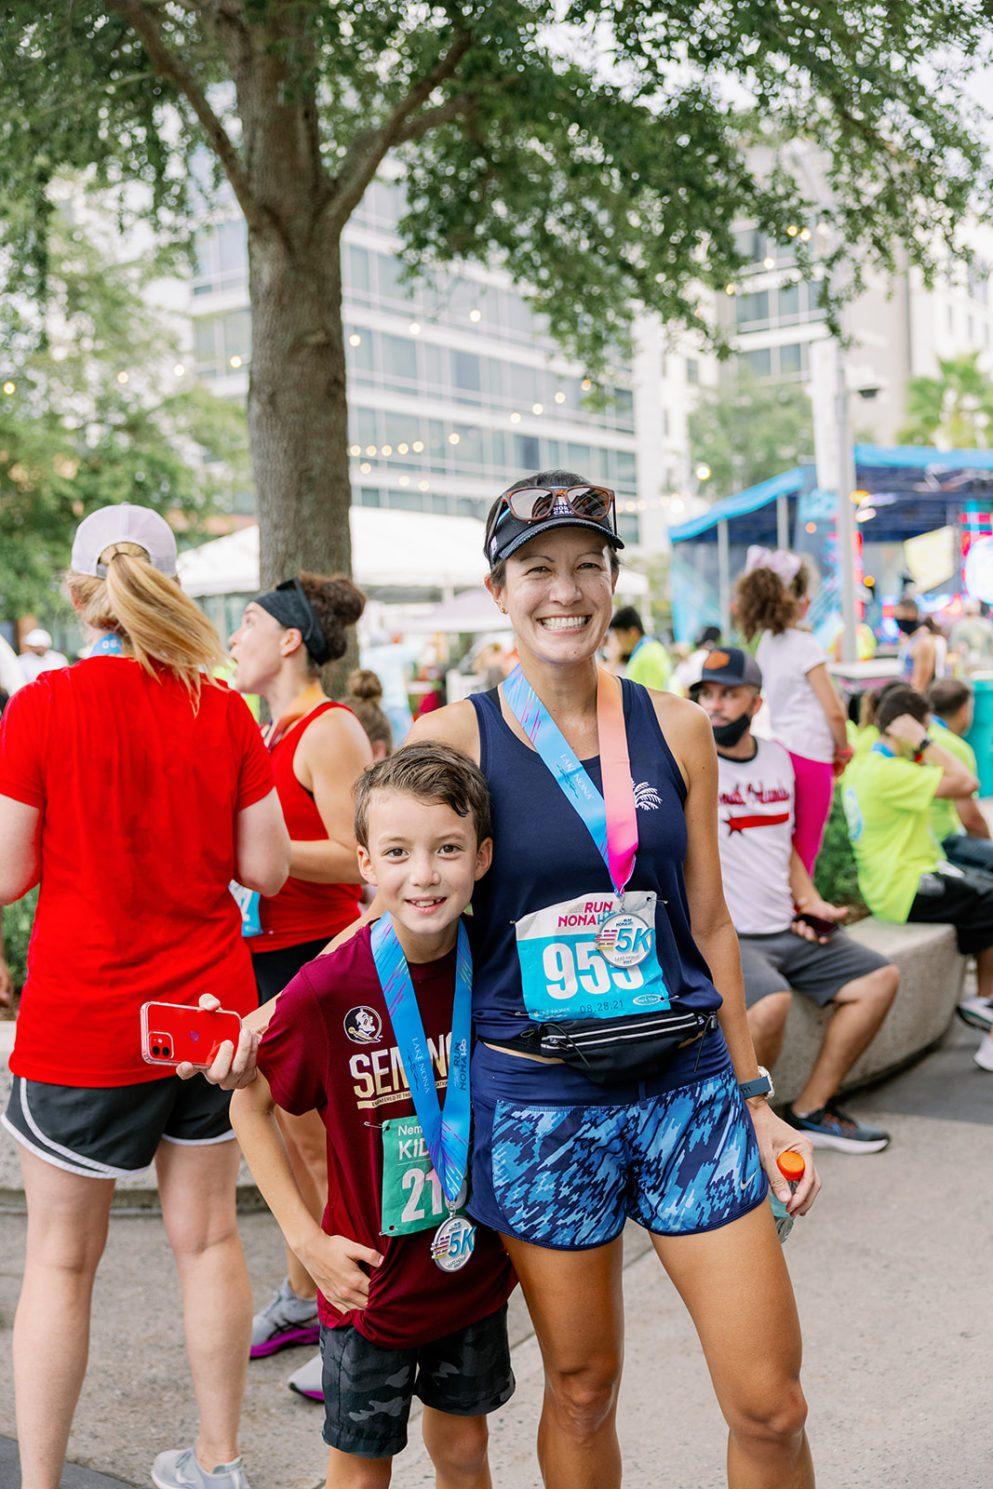 Run Nona 5K and Nemours Kids' Run 9